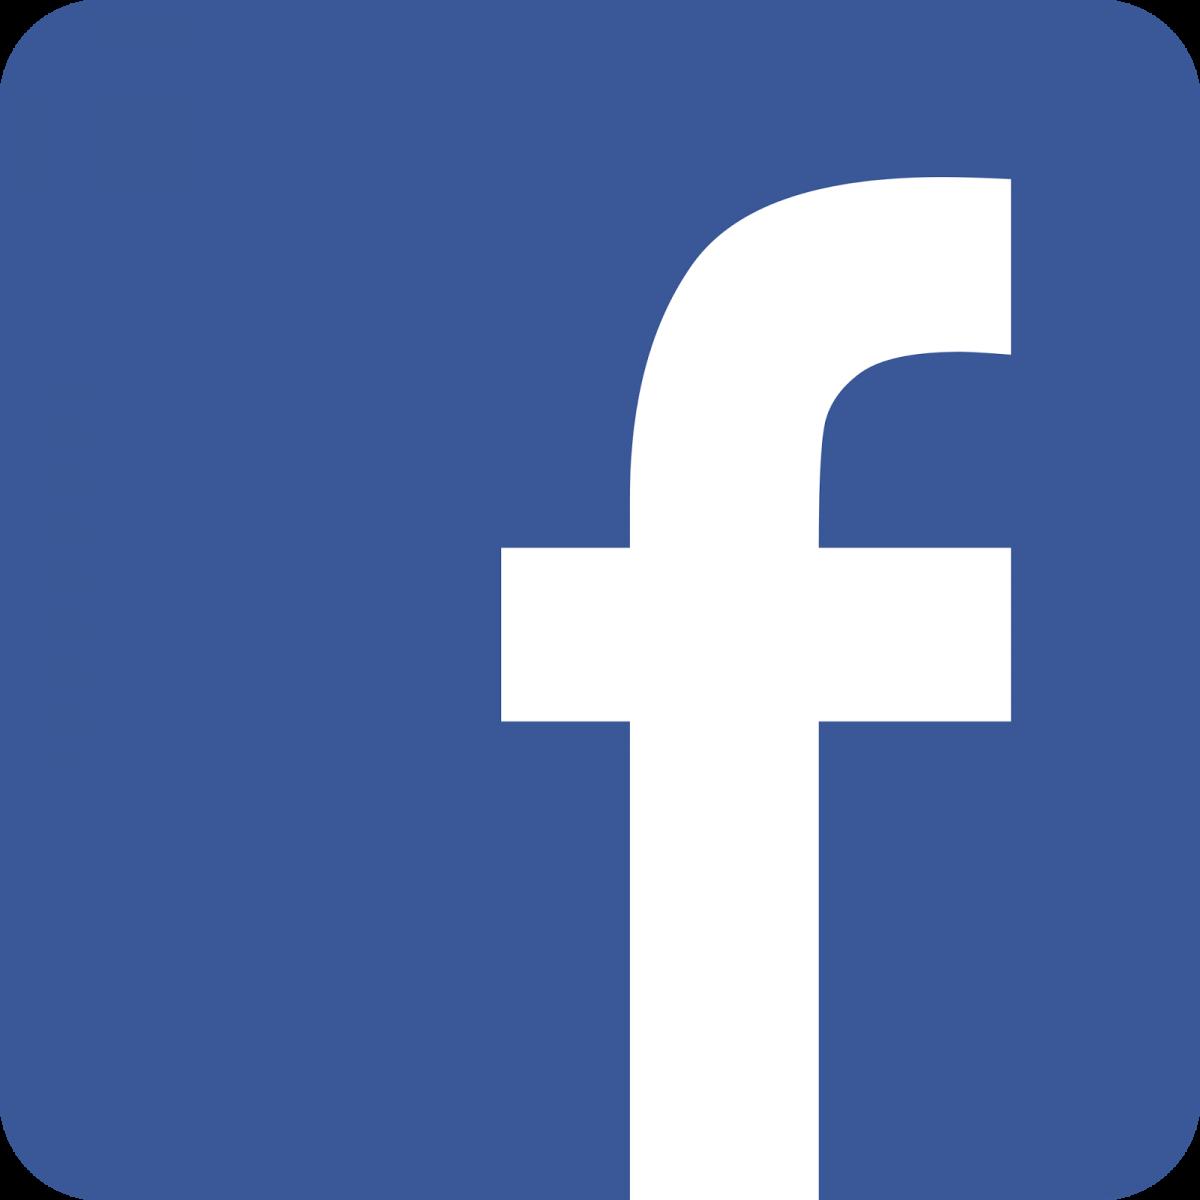 Facebook blue clipart picture Facebook transparent clipart - ClipartFest picture